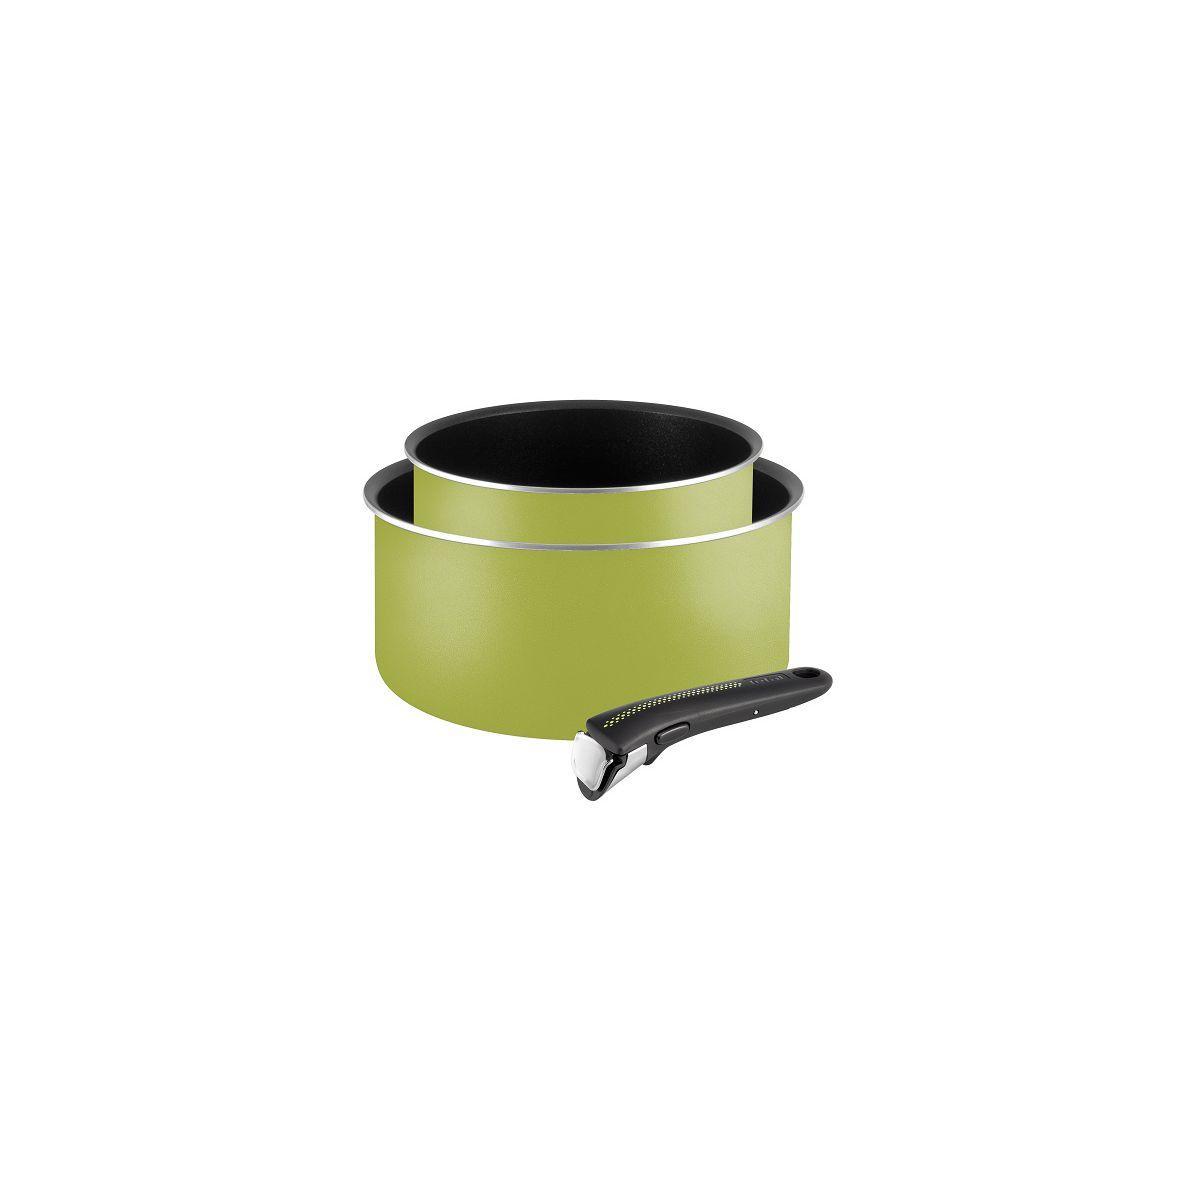 Batterie de casseroles tefal casseroles ingenio essential vert 3 pces - 20% de remise imm�diate avec le code : fete20 (photo)